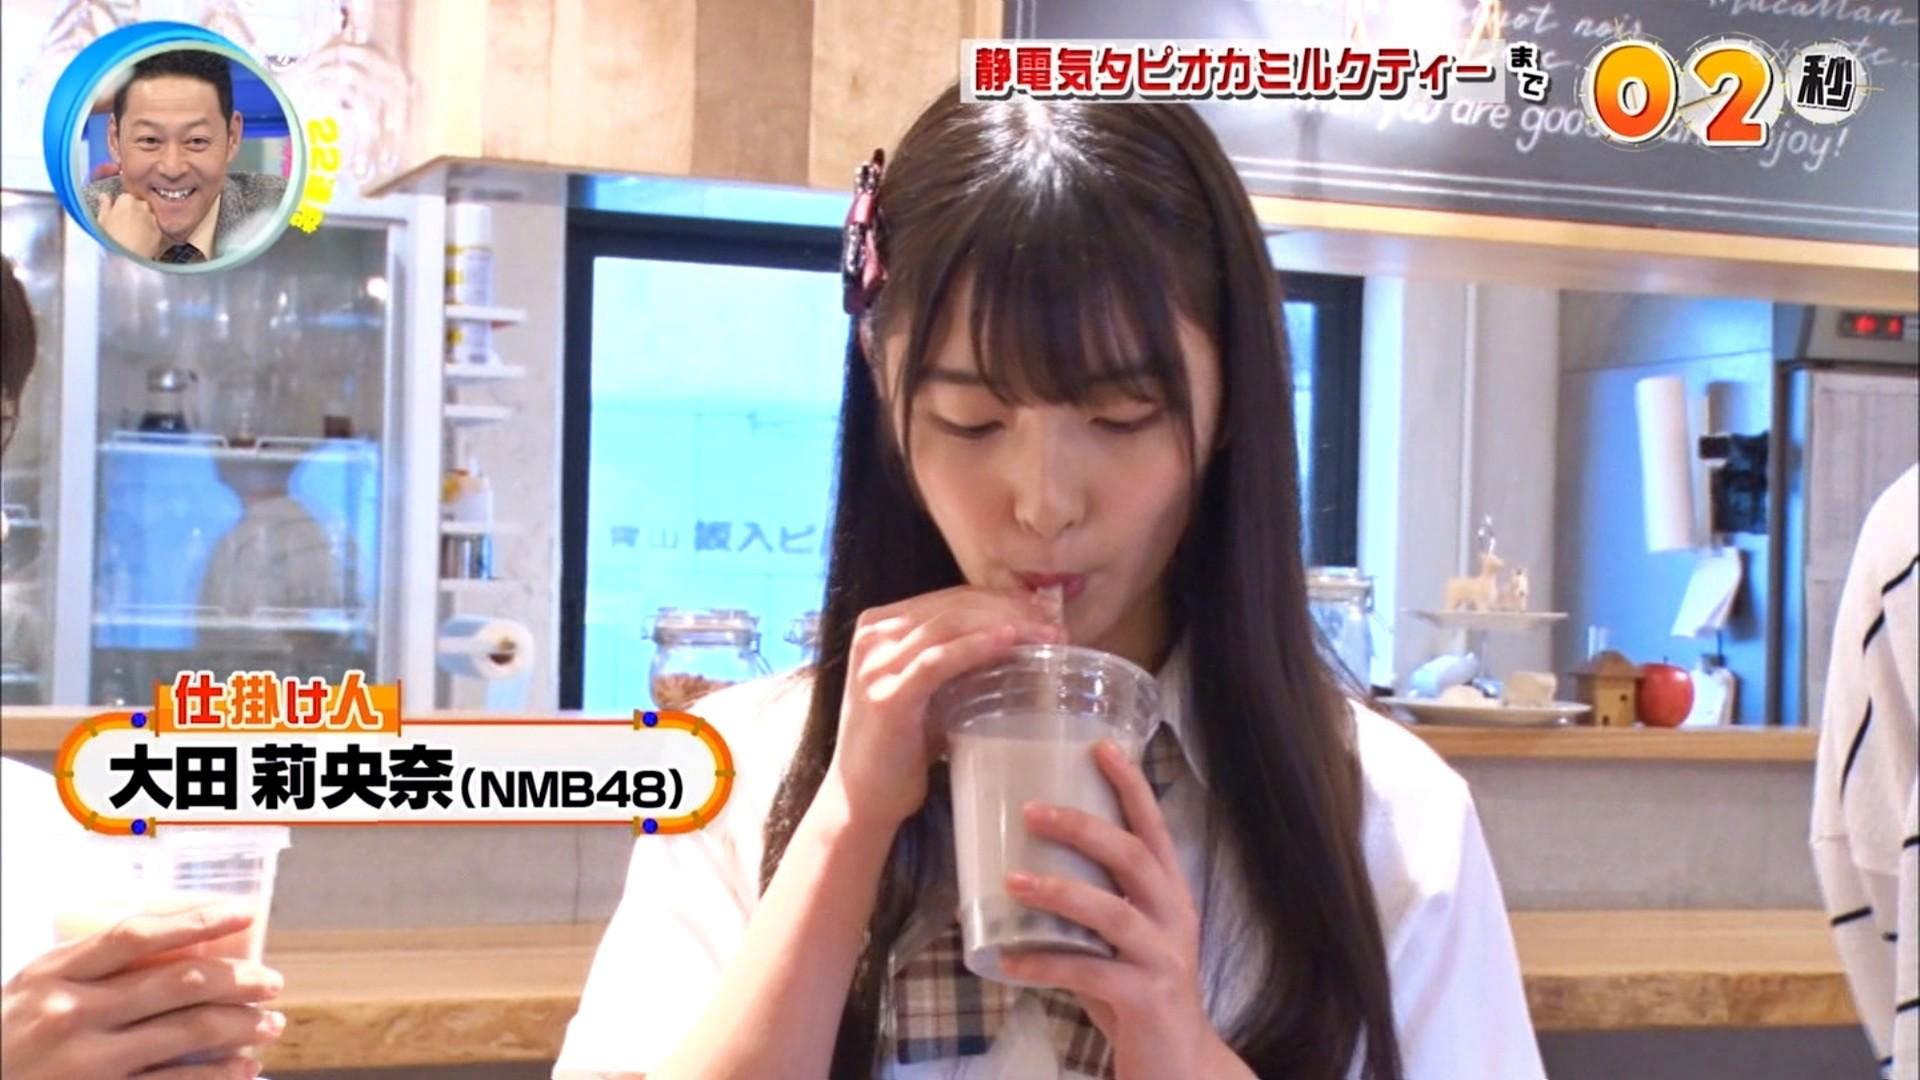 2019年11月30日にフジテレビ系列でほうそうされた「芸能人が本気で考えた!ドッキリGP」に出演したNMB48上西怜・大田莉央奈の画像-006